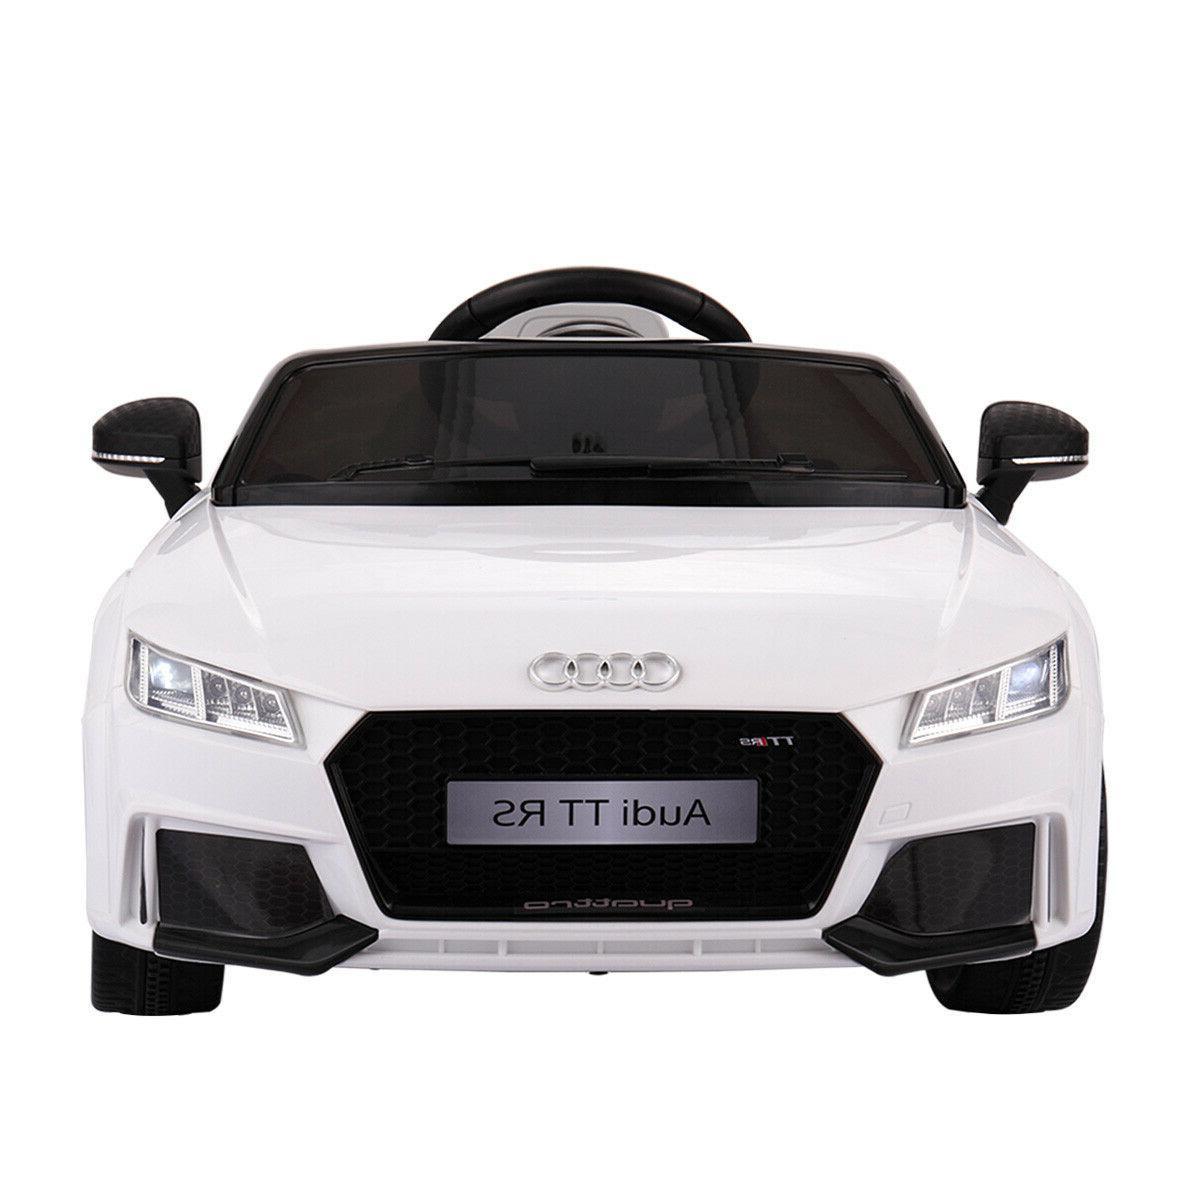 Audi TT Ride Electric Licensed MP3 R/C Remote White